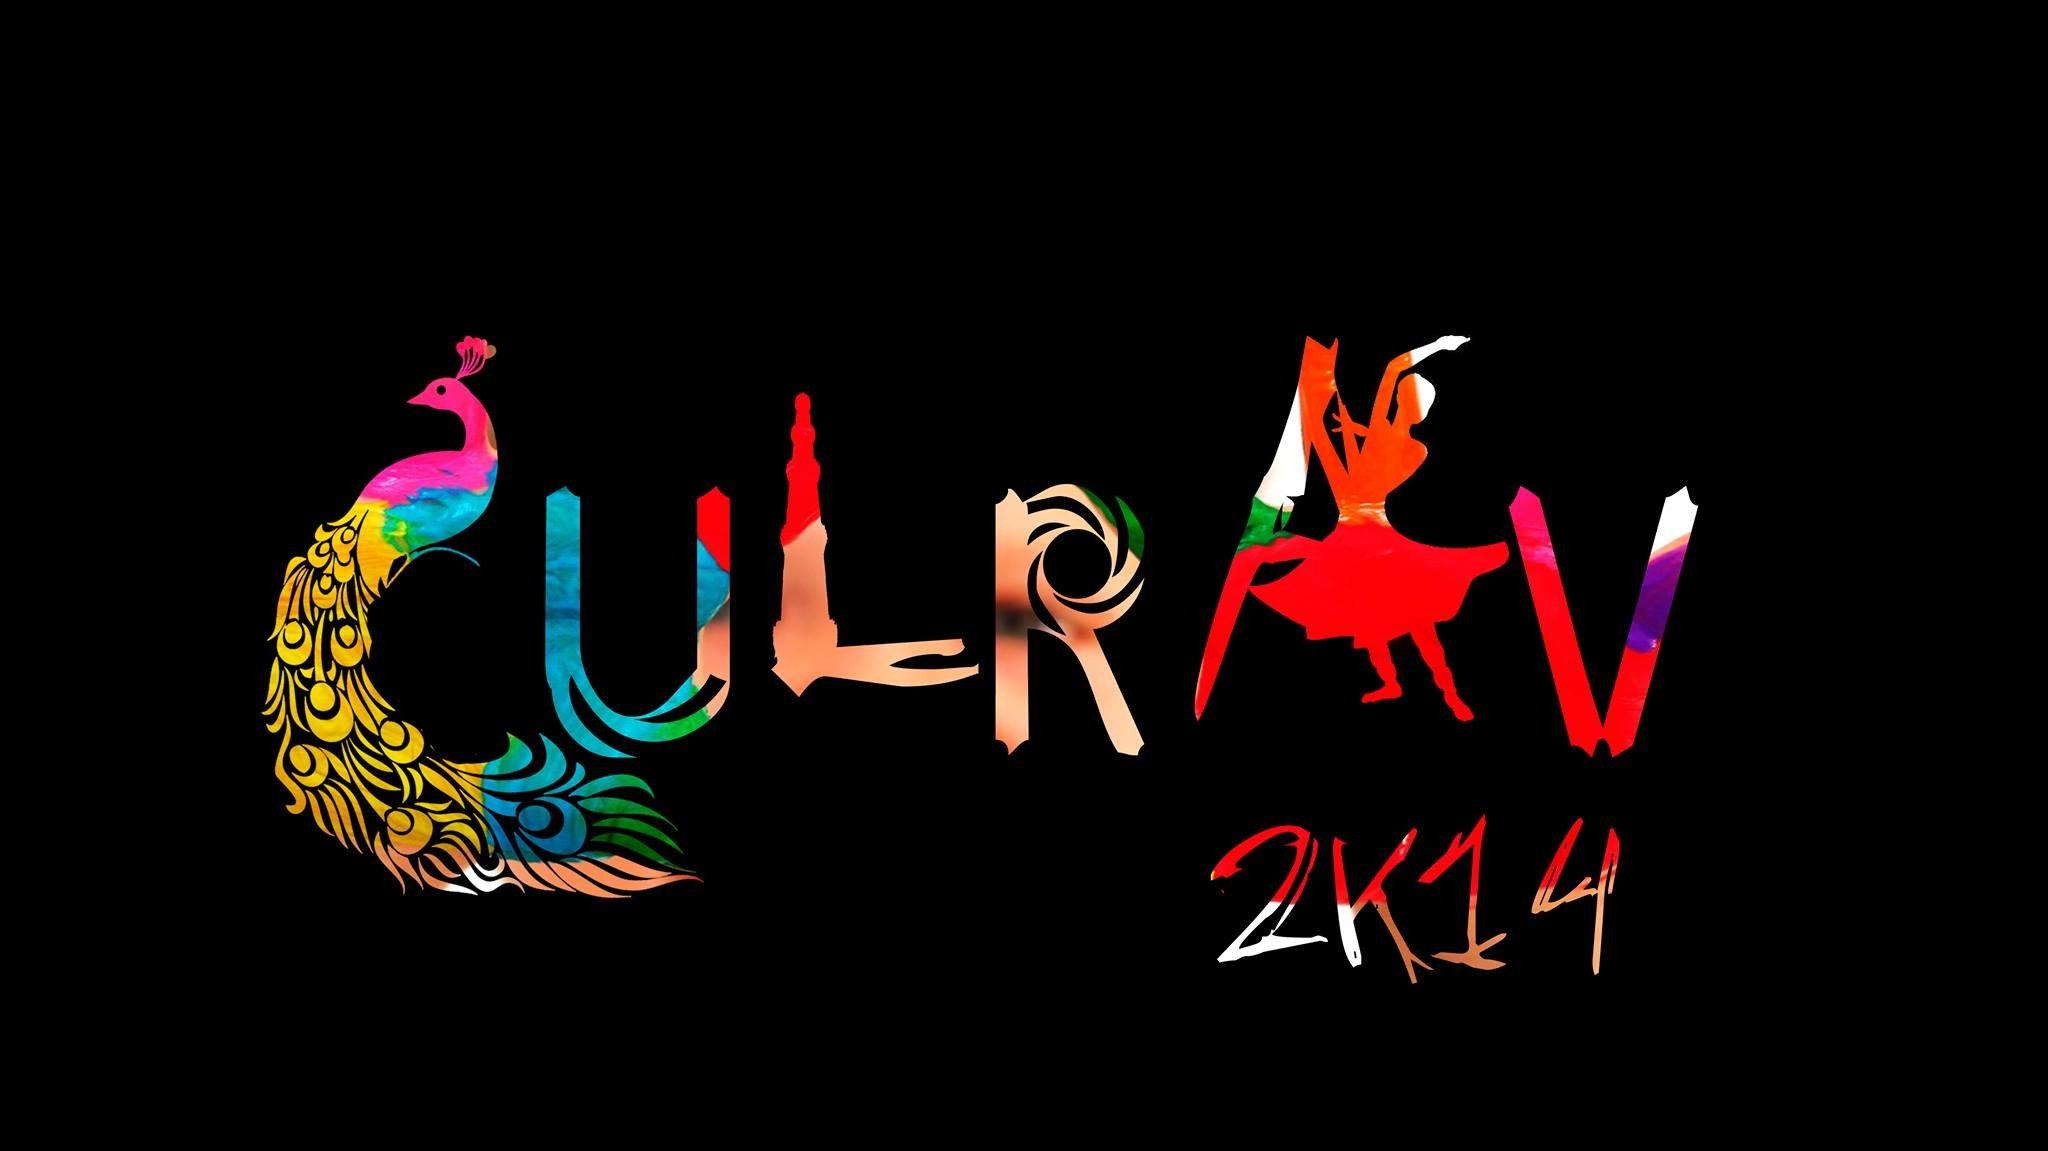 Culrav logo